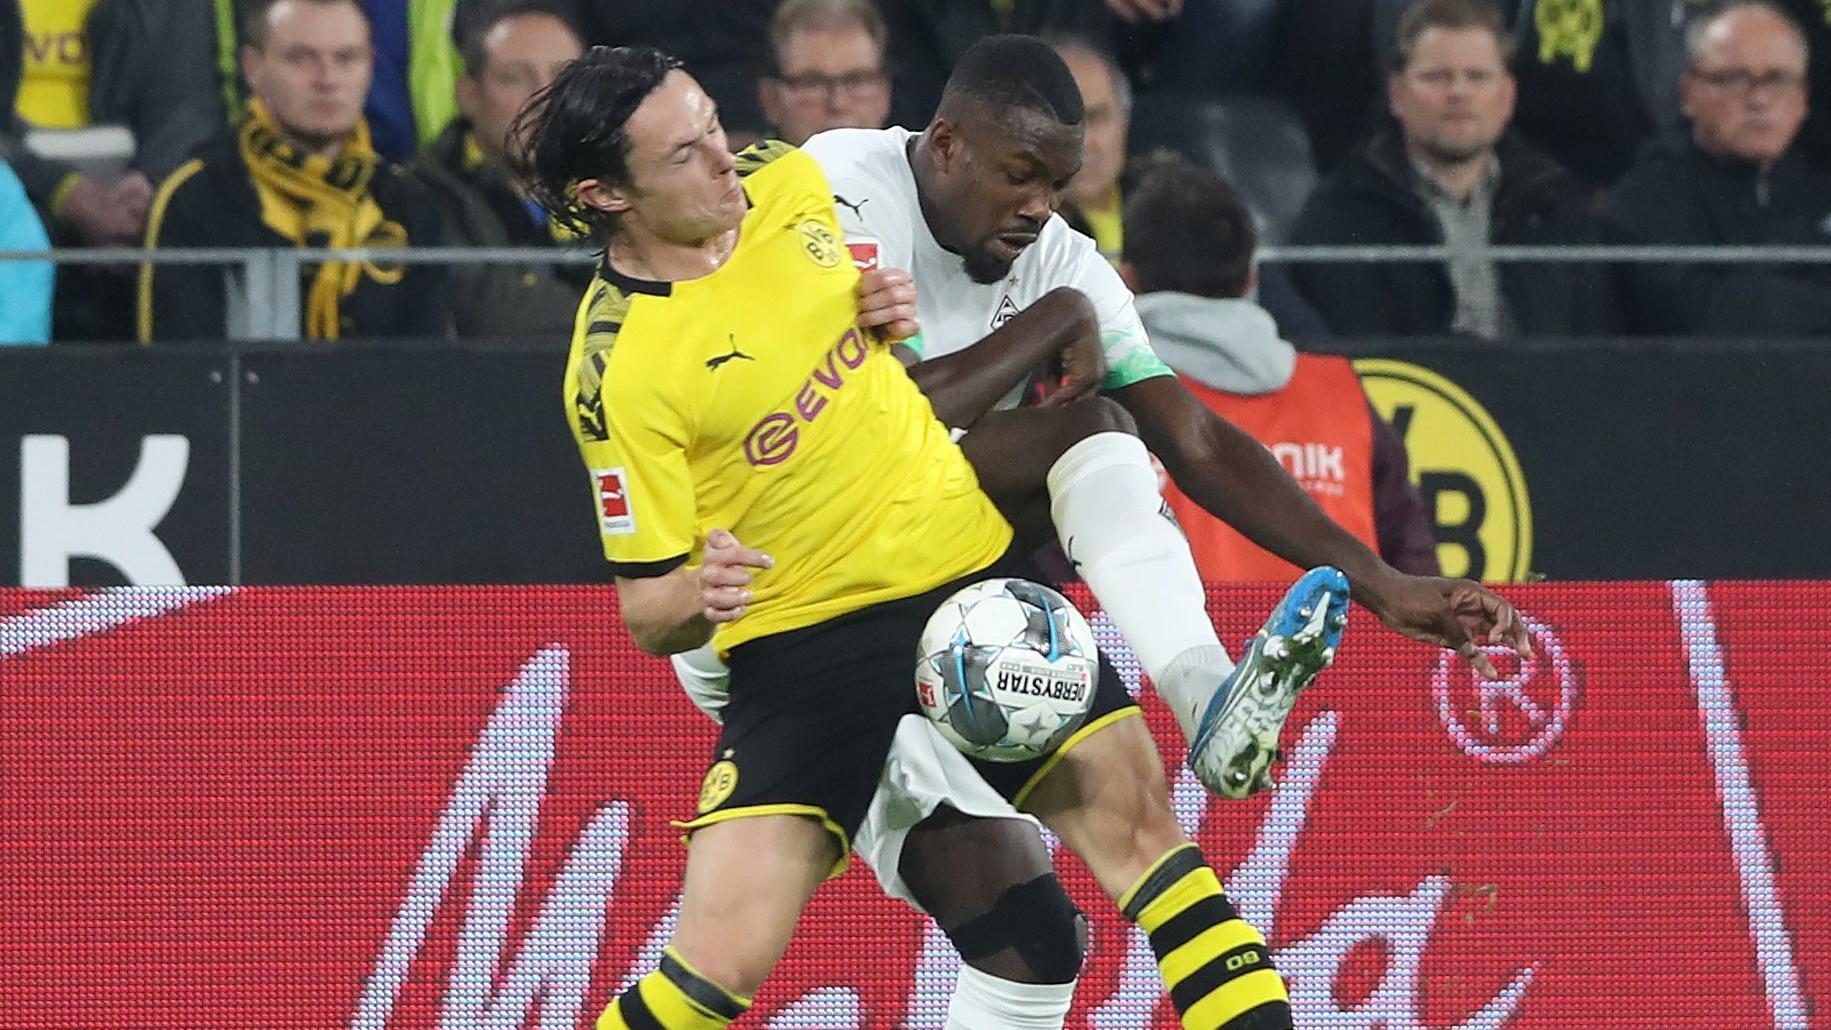 Zwischen Brötchen Und Borussia